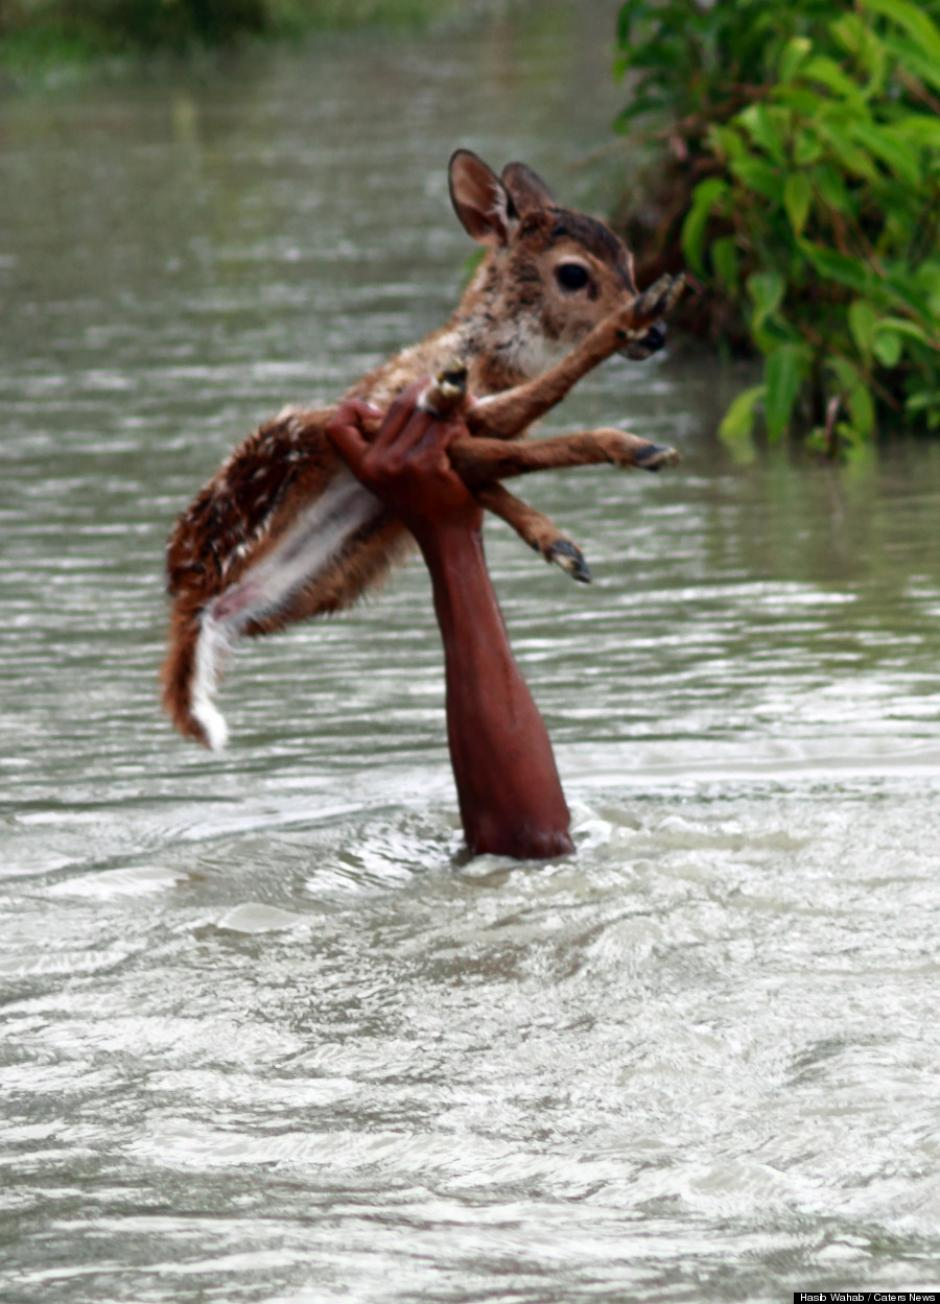 El muchacho, de unos 10 años, arriesgó su vida para salvar la vida de un venado en Bangladesh. (Foto: Huffington Post)